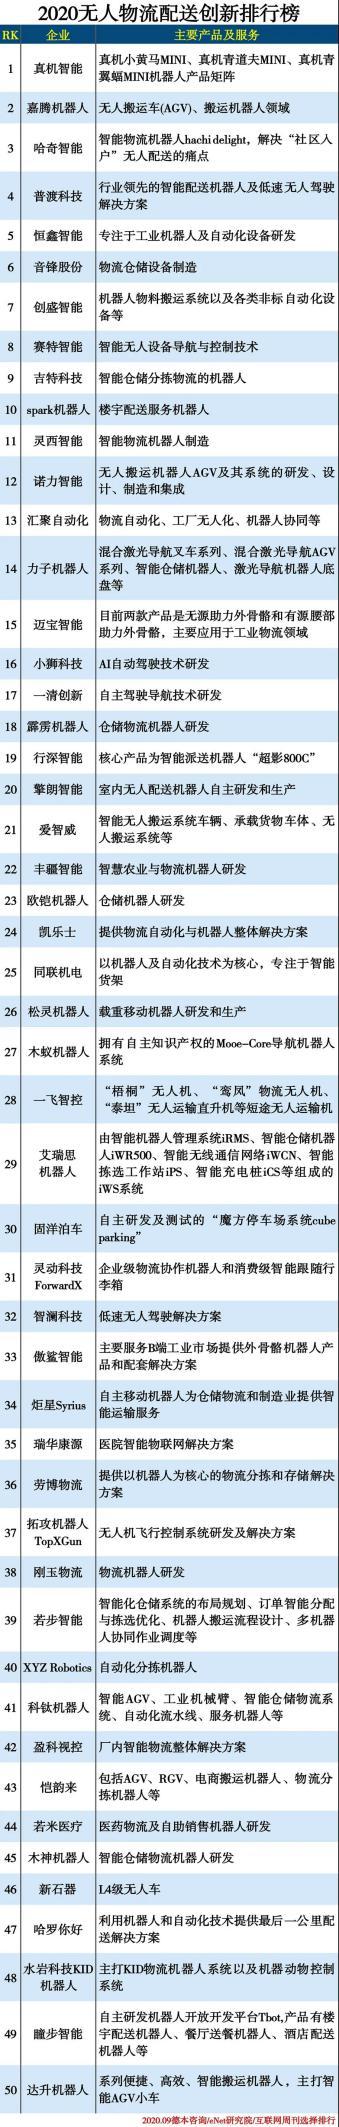 """普渡送餐机器人荣登《互联网周刊》""""2020无人物流配送创新排行榜"""""""